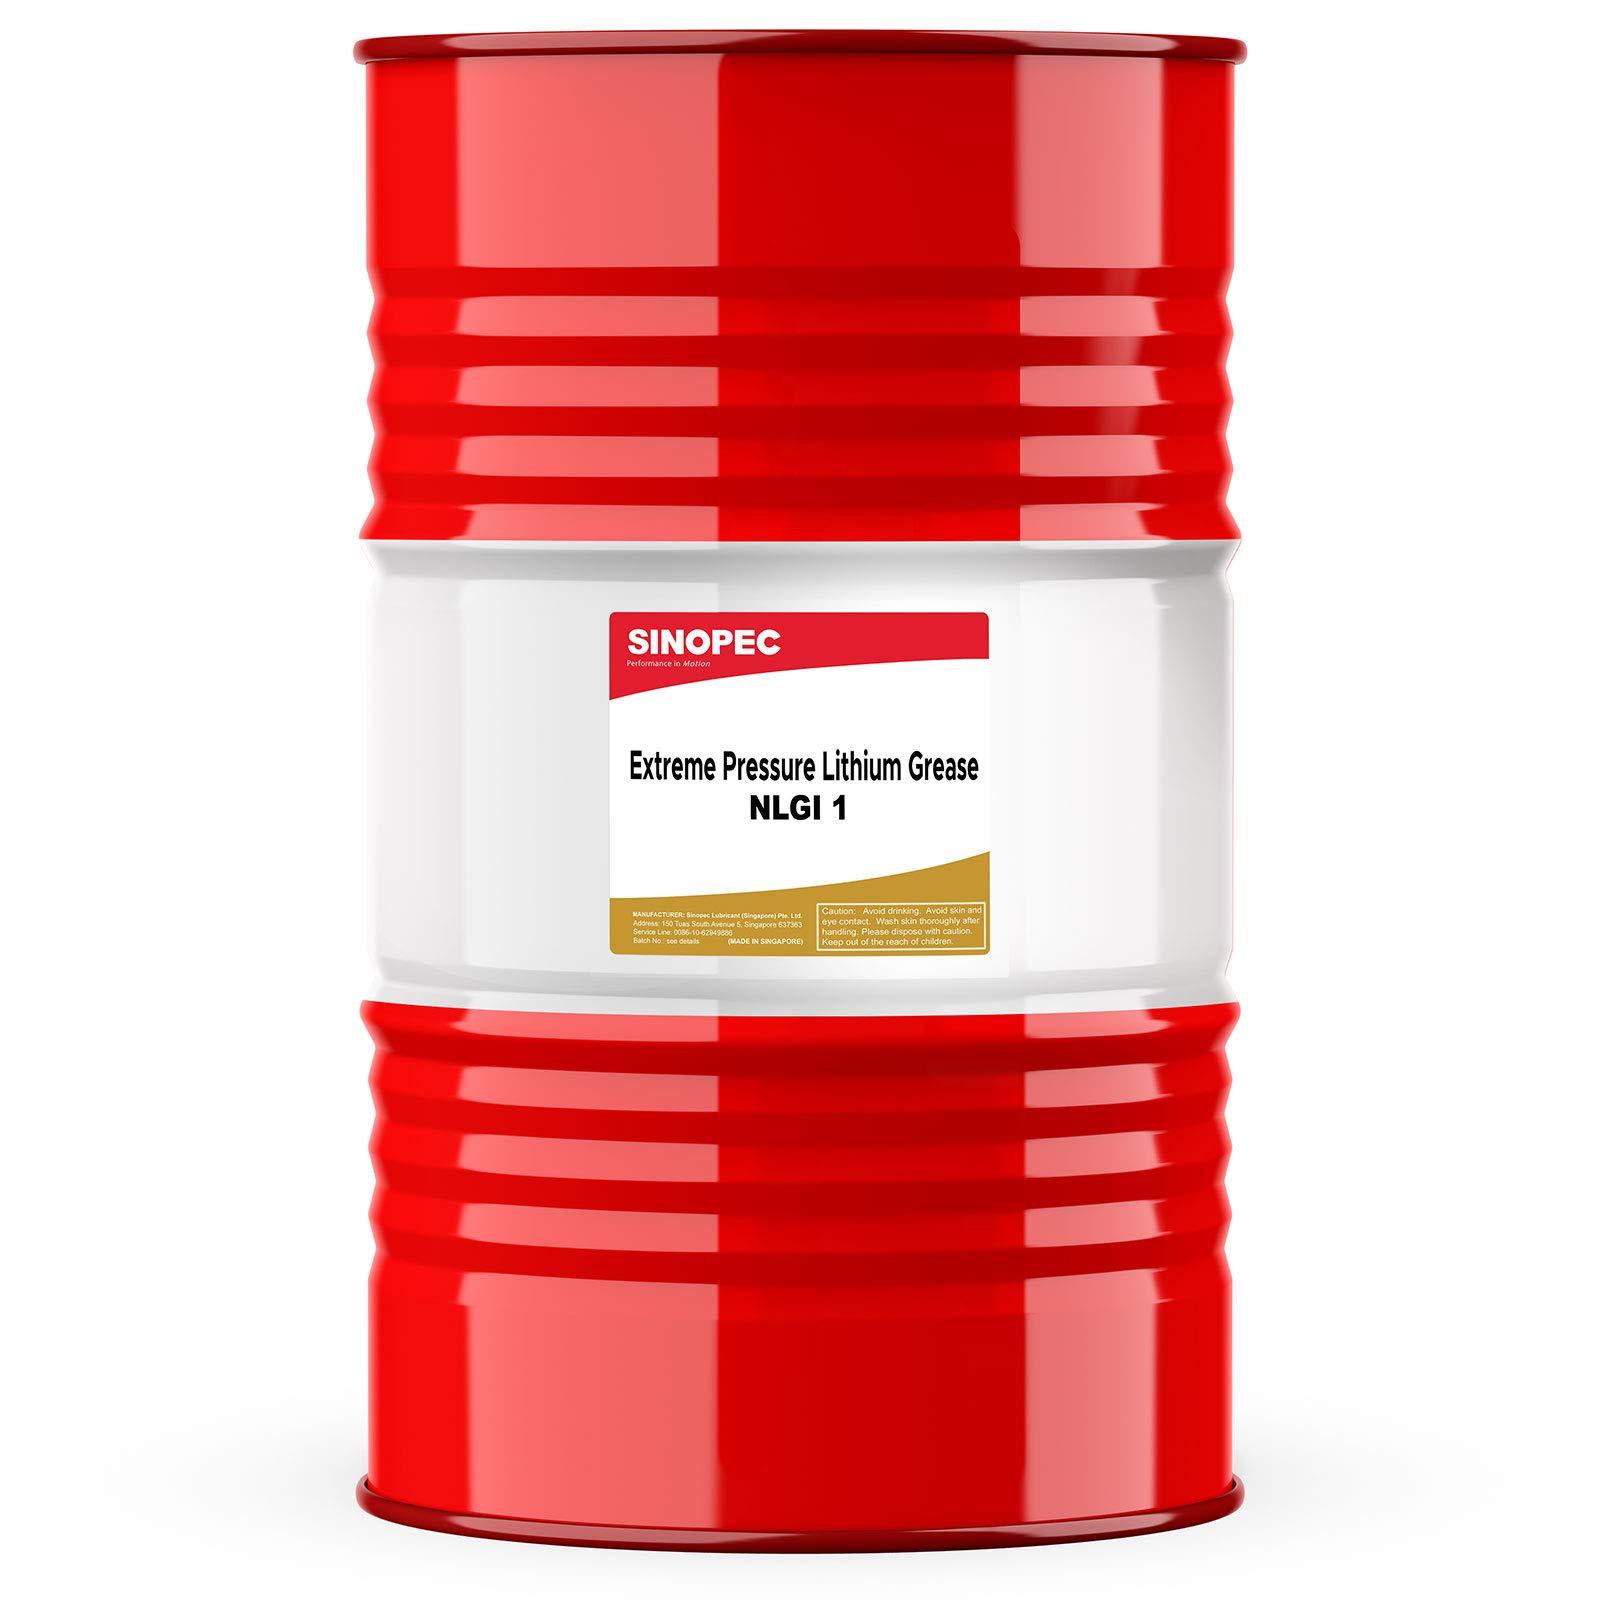 Sinopec (EP1) Extreme Pressure Multipurpose Lithium Grease, NLGI 1-400LB. (55 Gallon) Drum